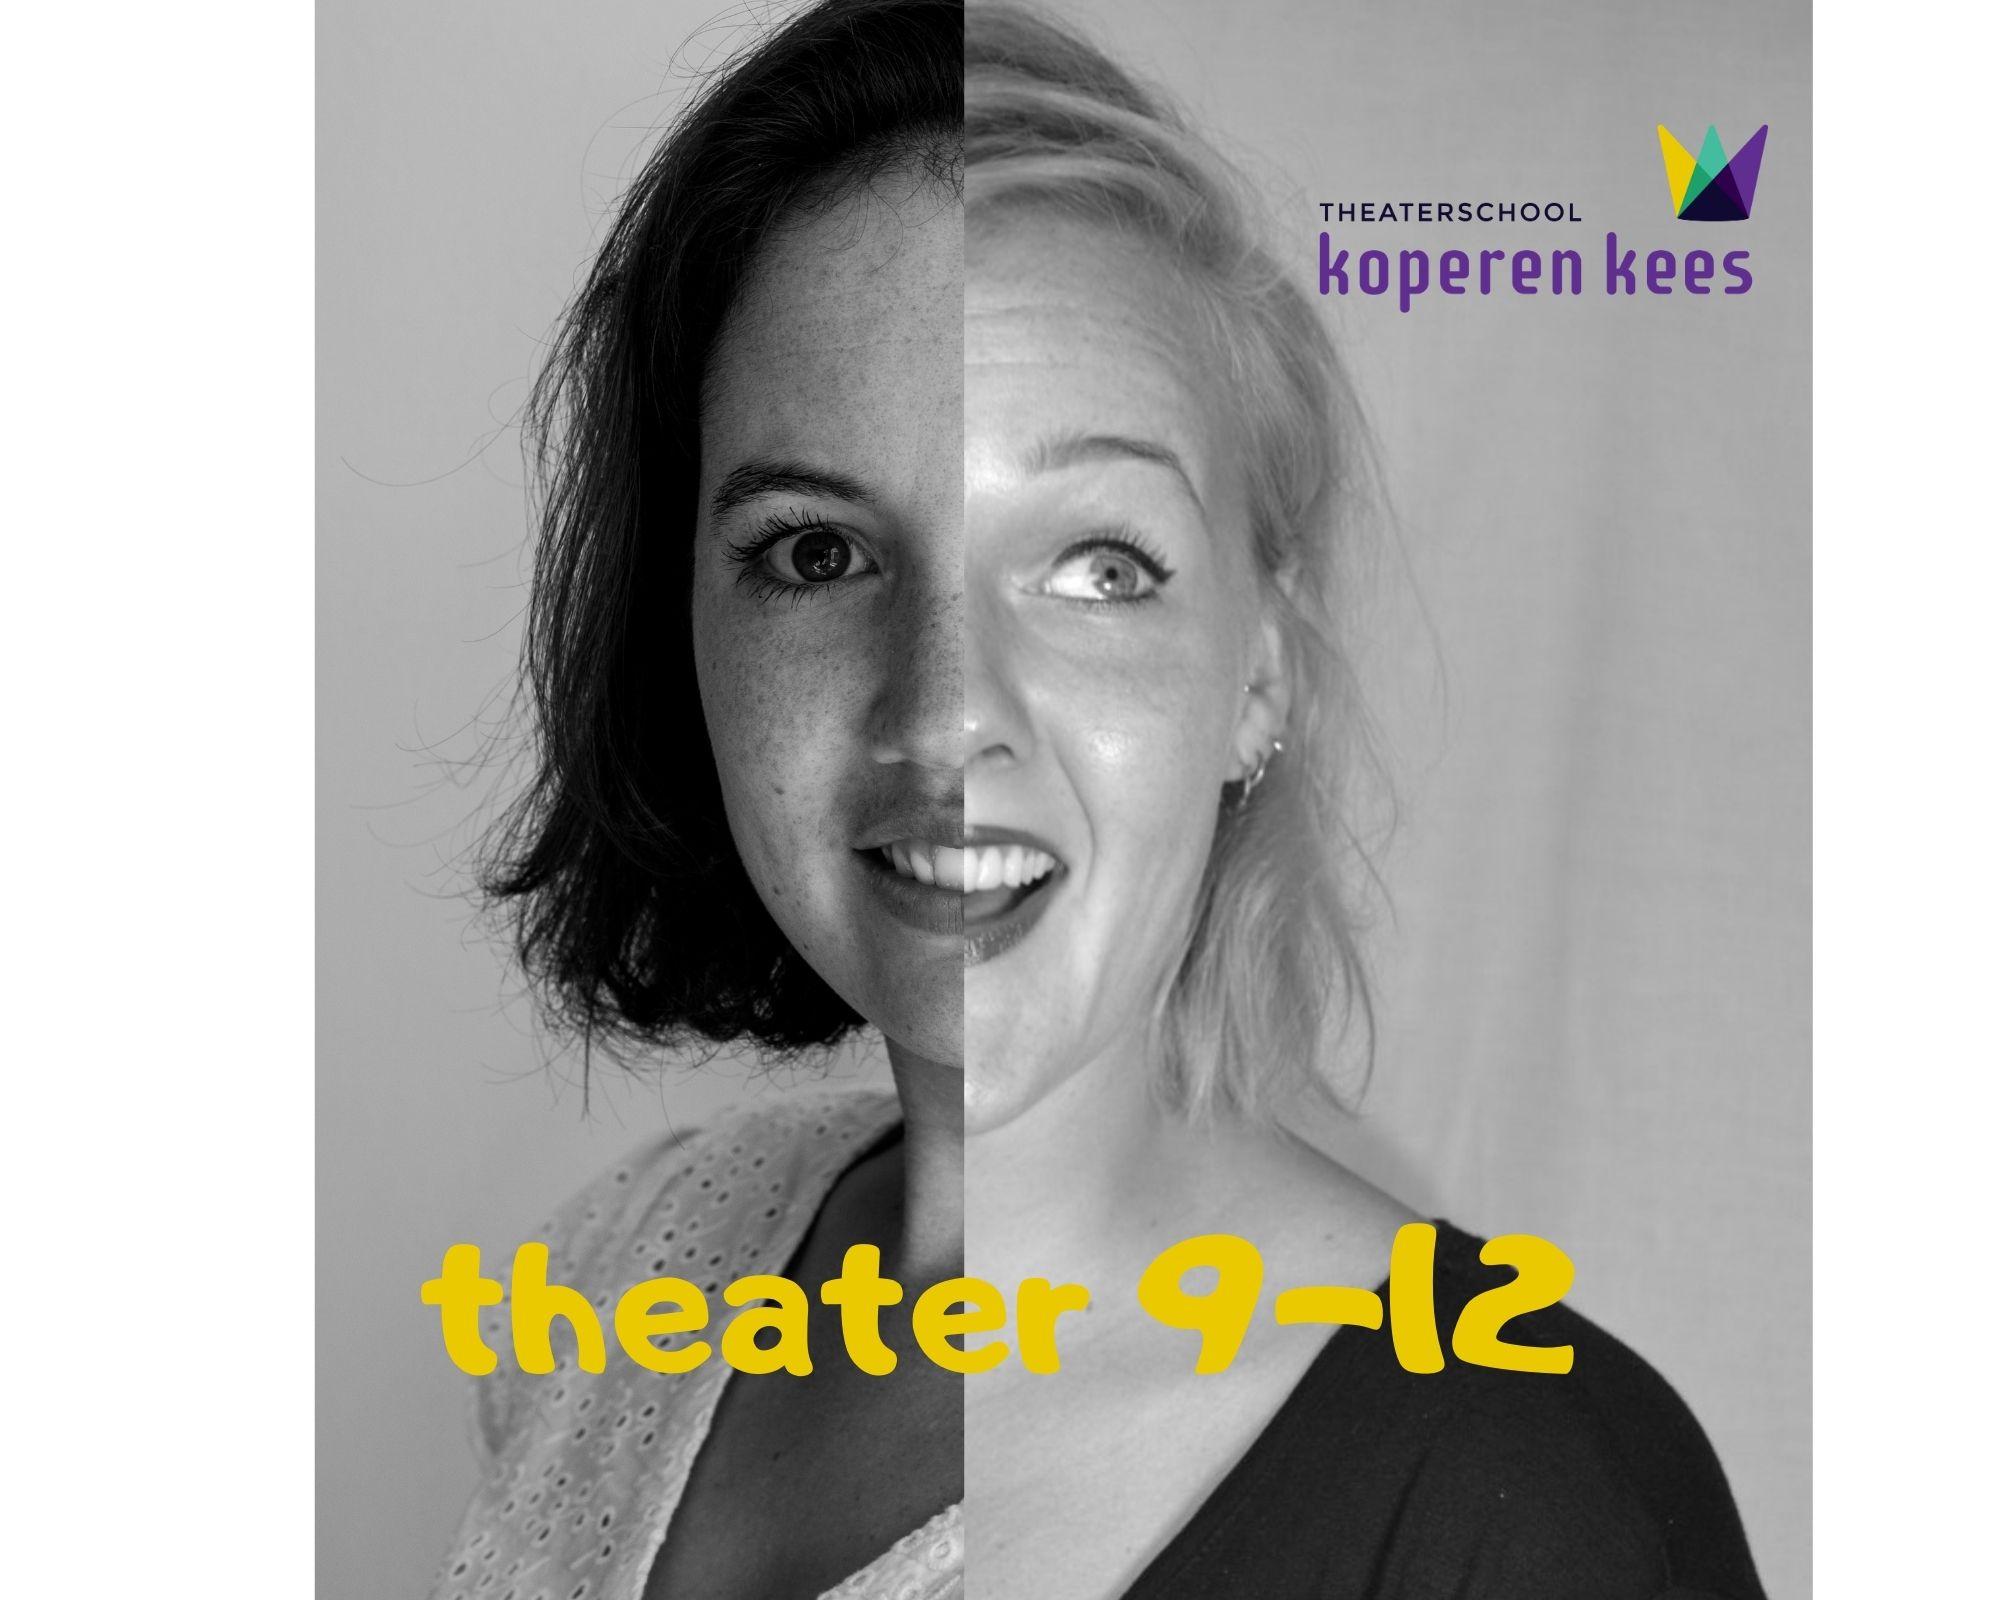 Fantastische verhalen - theaterworkshop 9-12 jaar - wo. 24 feb. 15:00 uur